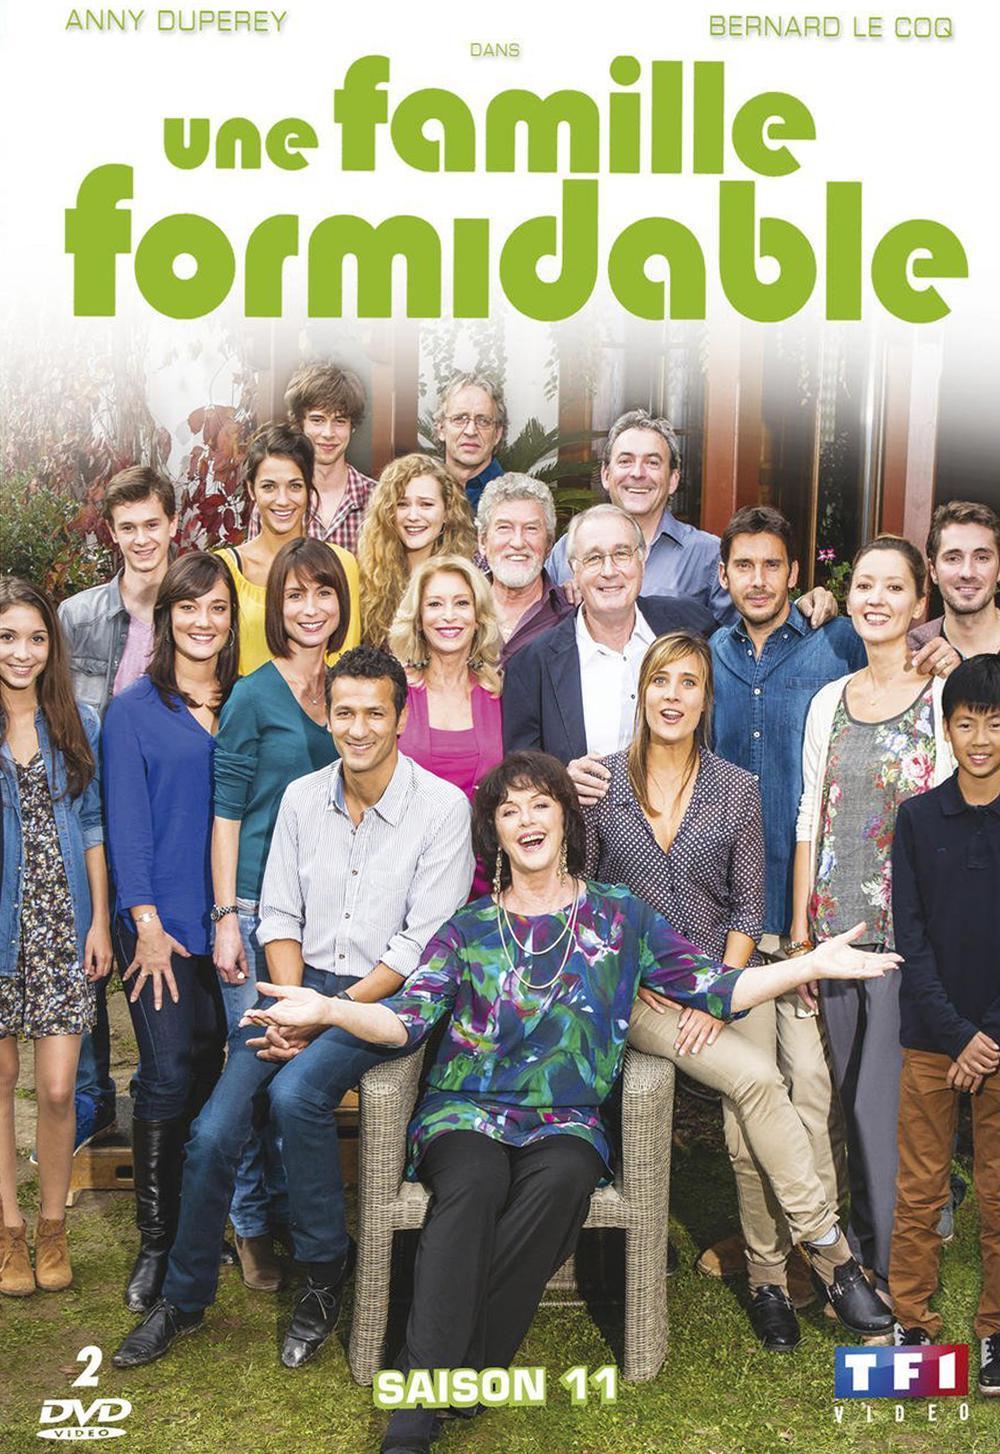 Un Famille Formidable - Saison 11